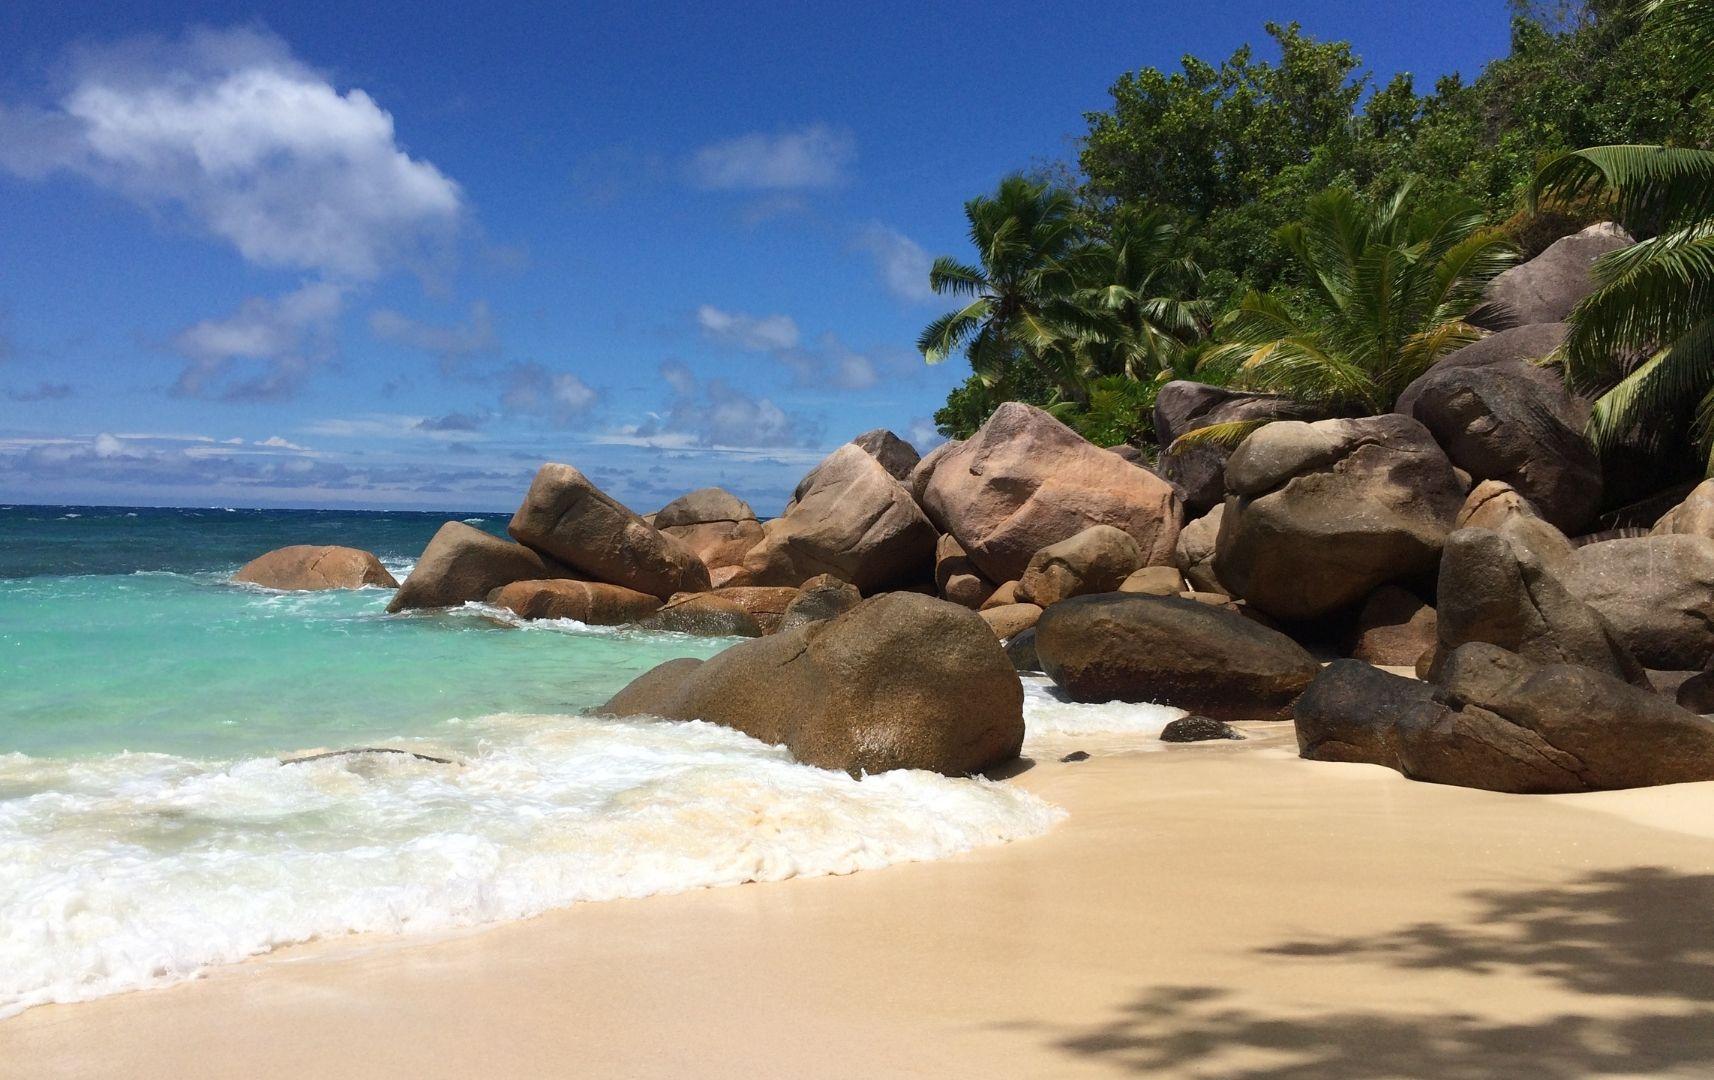 Seychellen Reisebericht Reiseart